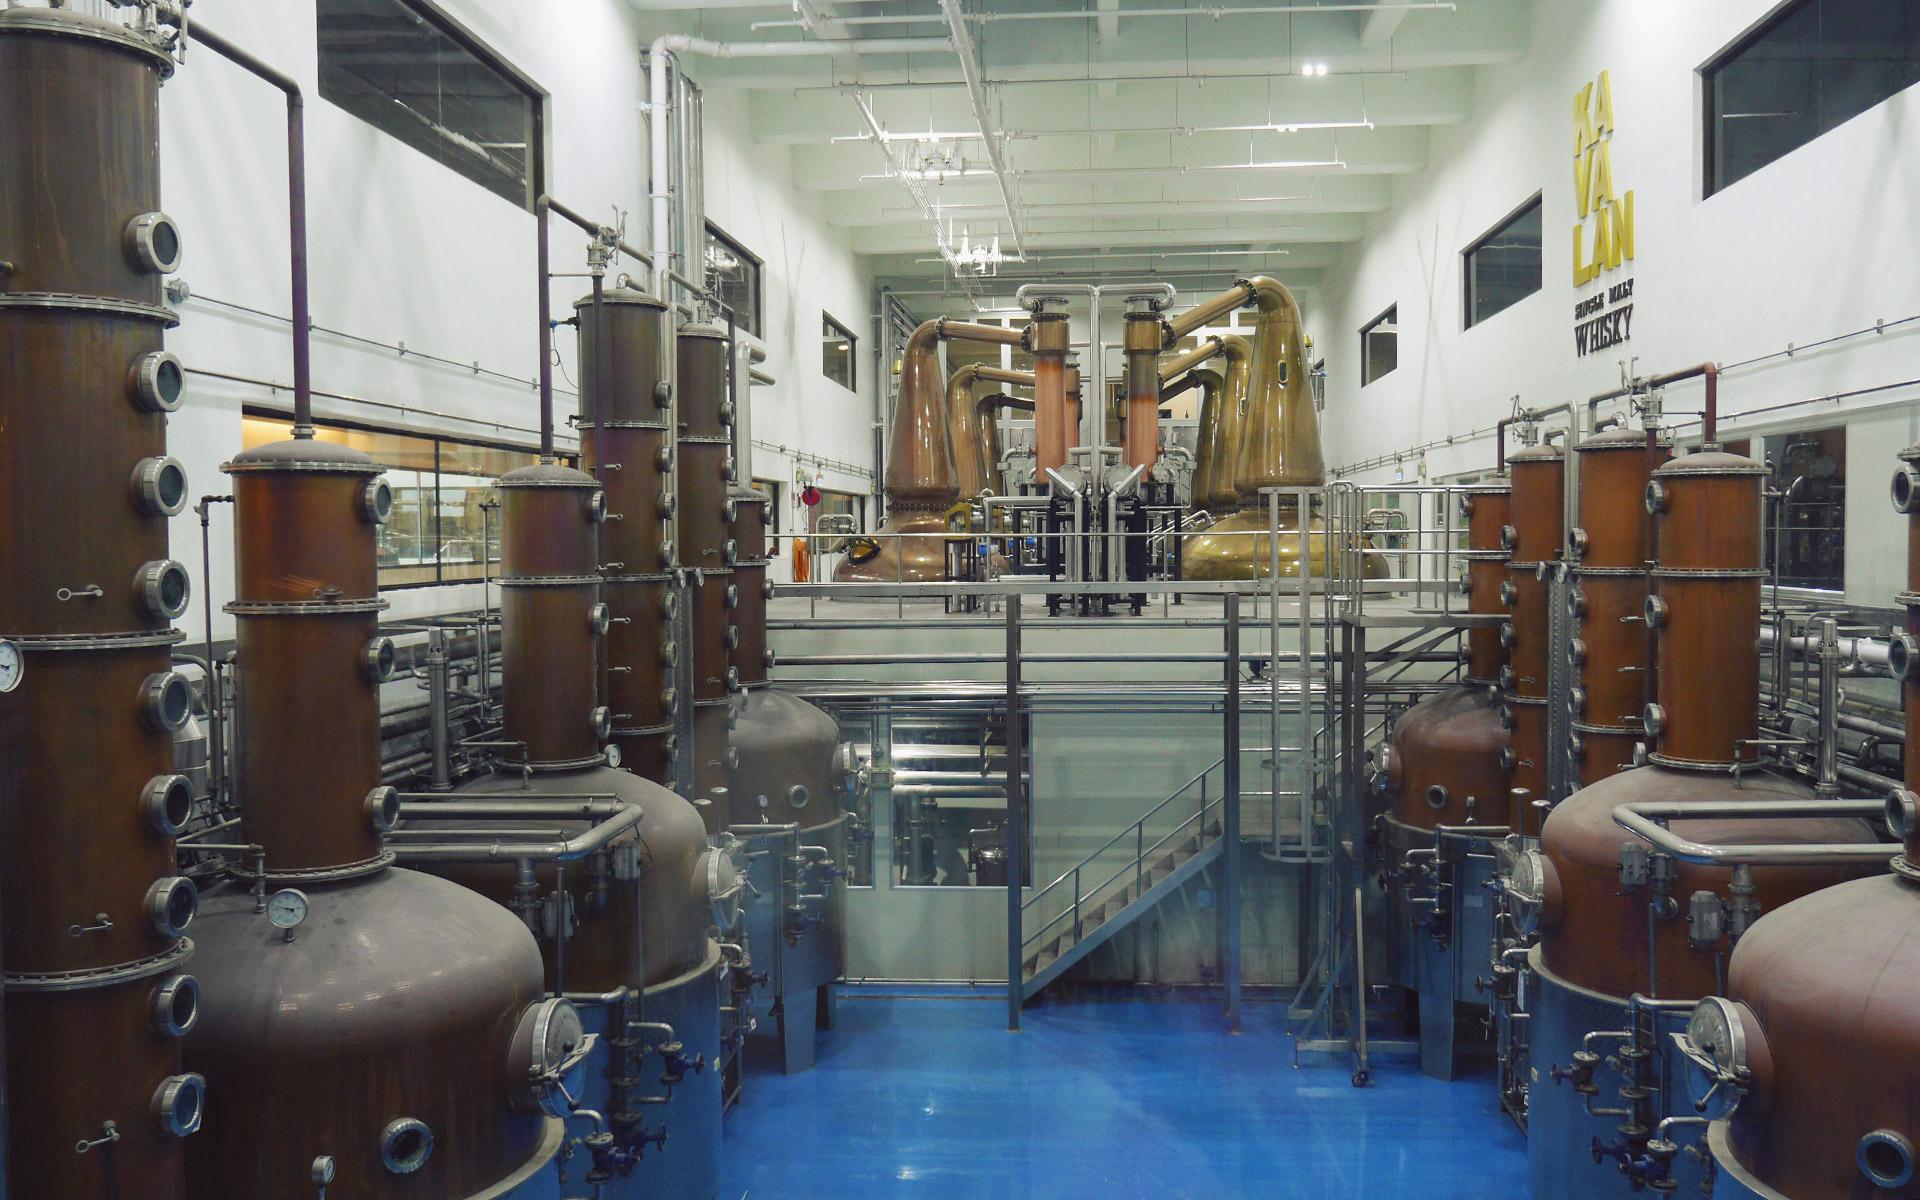 Ungewohnter Anblick: Die Mischung von Pot Stills und Column Stills in einer Destillerie ist in Schottland nicht üblich (Foto: Laurence Thio für Malt Whisky)